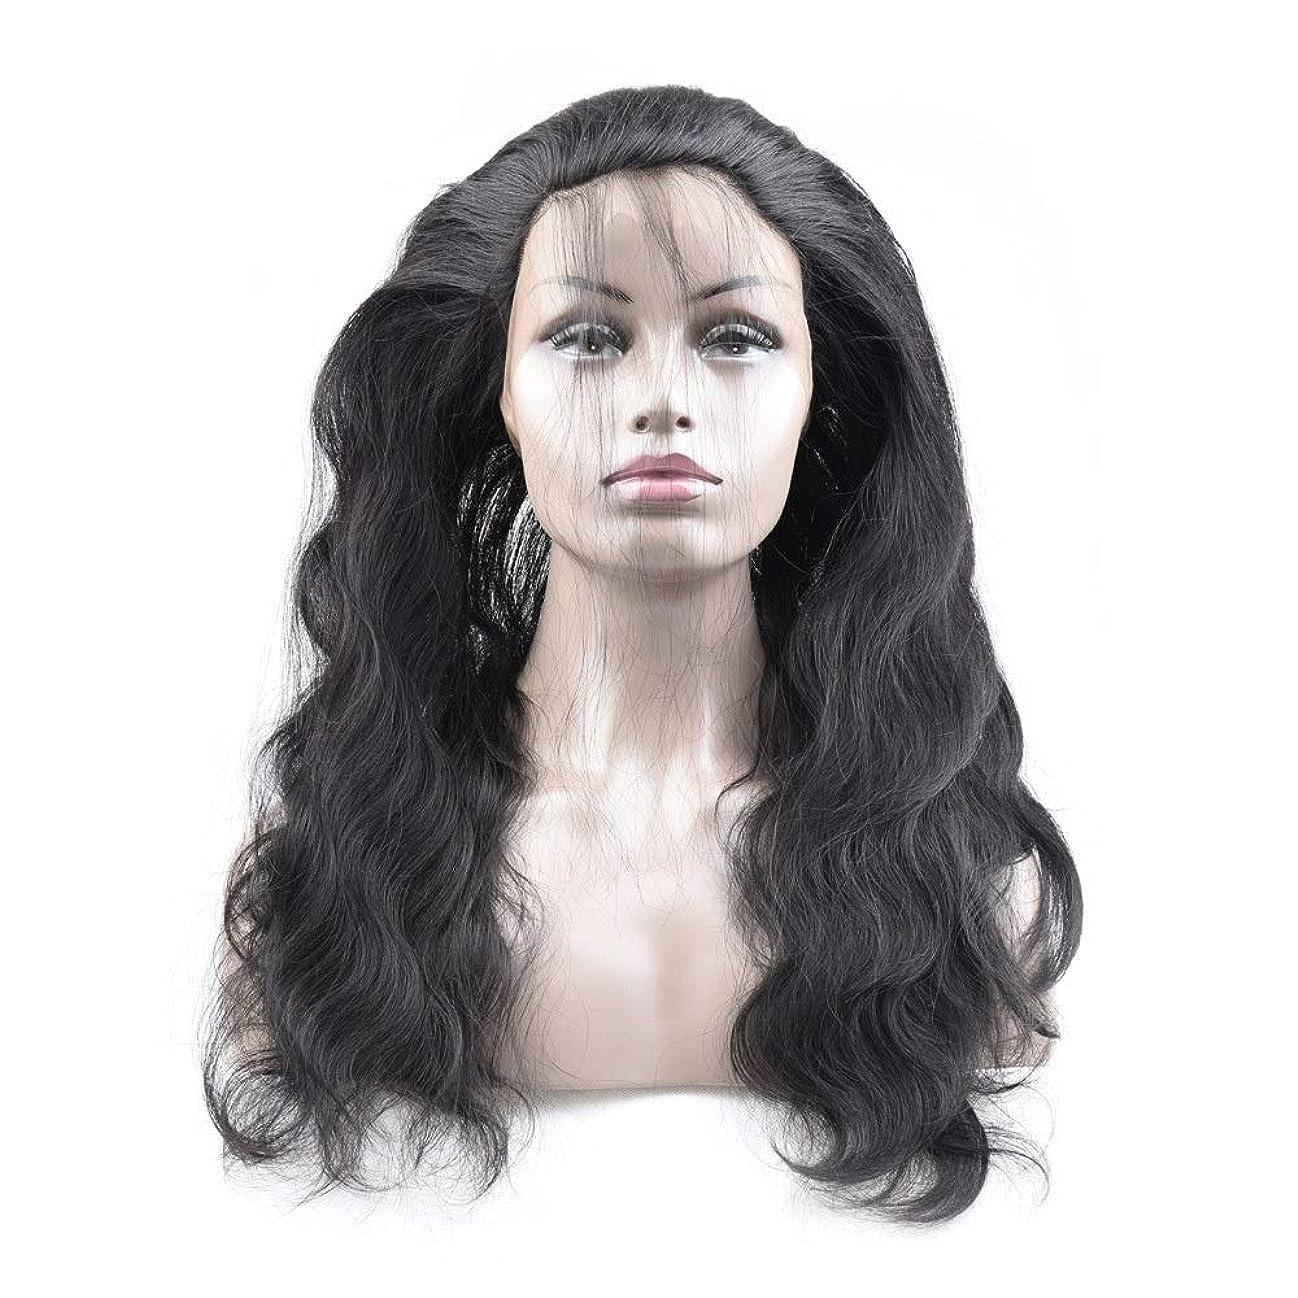 カイウス三角形デマンドBOBIDYEE 360レースクロージャーヘアブラジル実体波毛バージンレミー人間の髪の毛自由な部分ナチュラルカラーロールプレイングかつら女性のかつら (色 : 黒, サイズ : 14 inch)